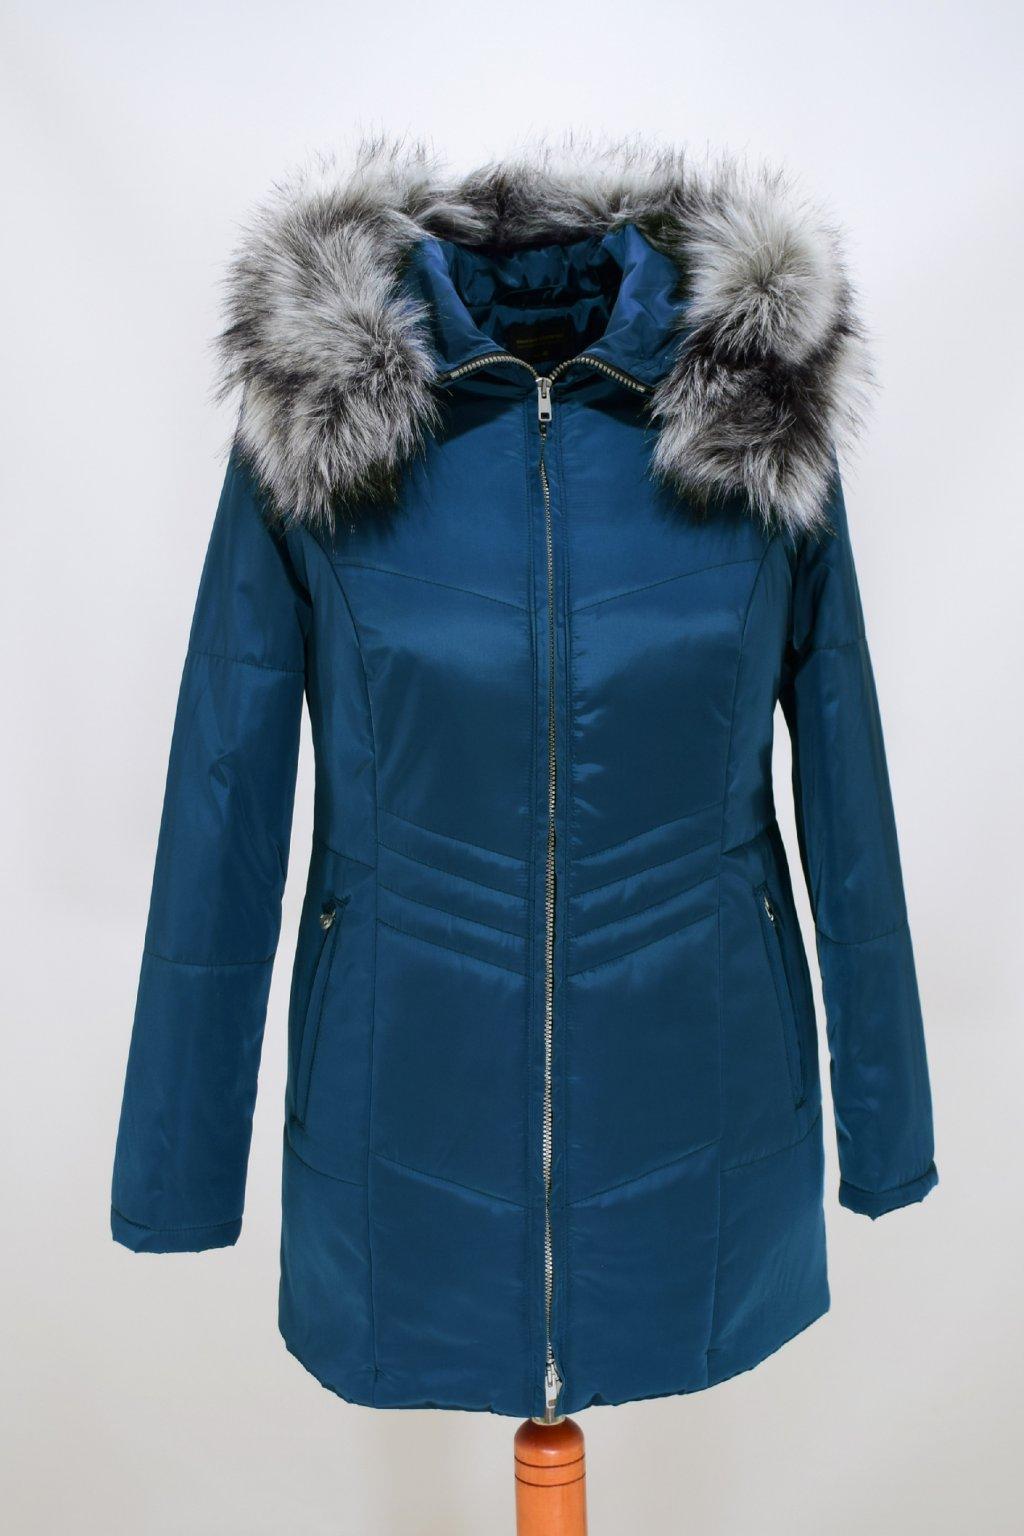 Dámská petrolová zimní bunda Judita nadměrné velikosti.